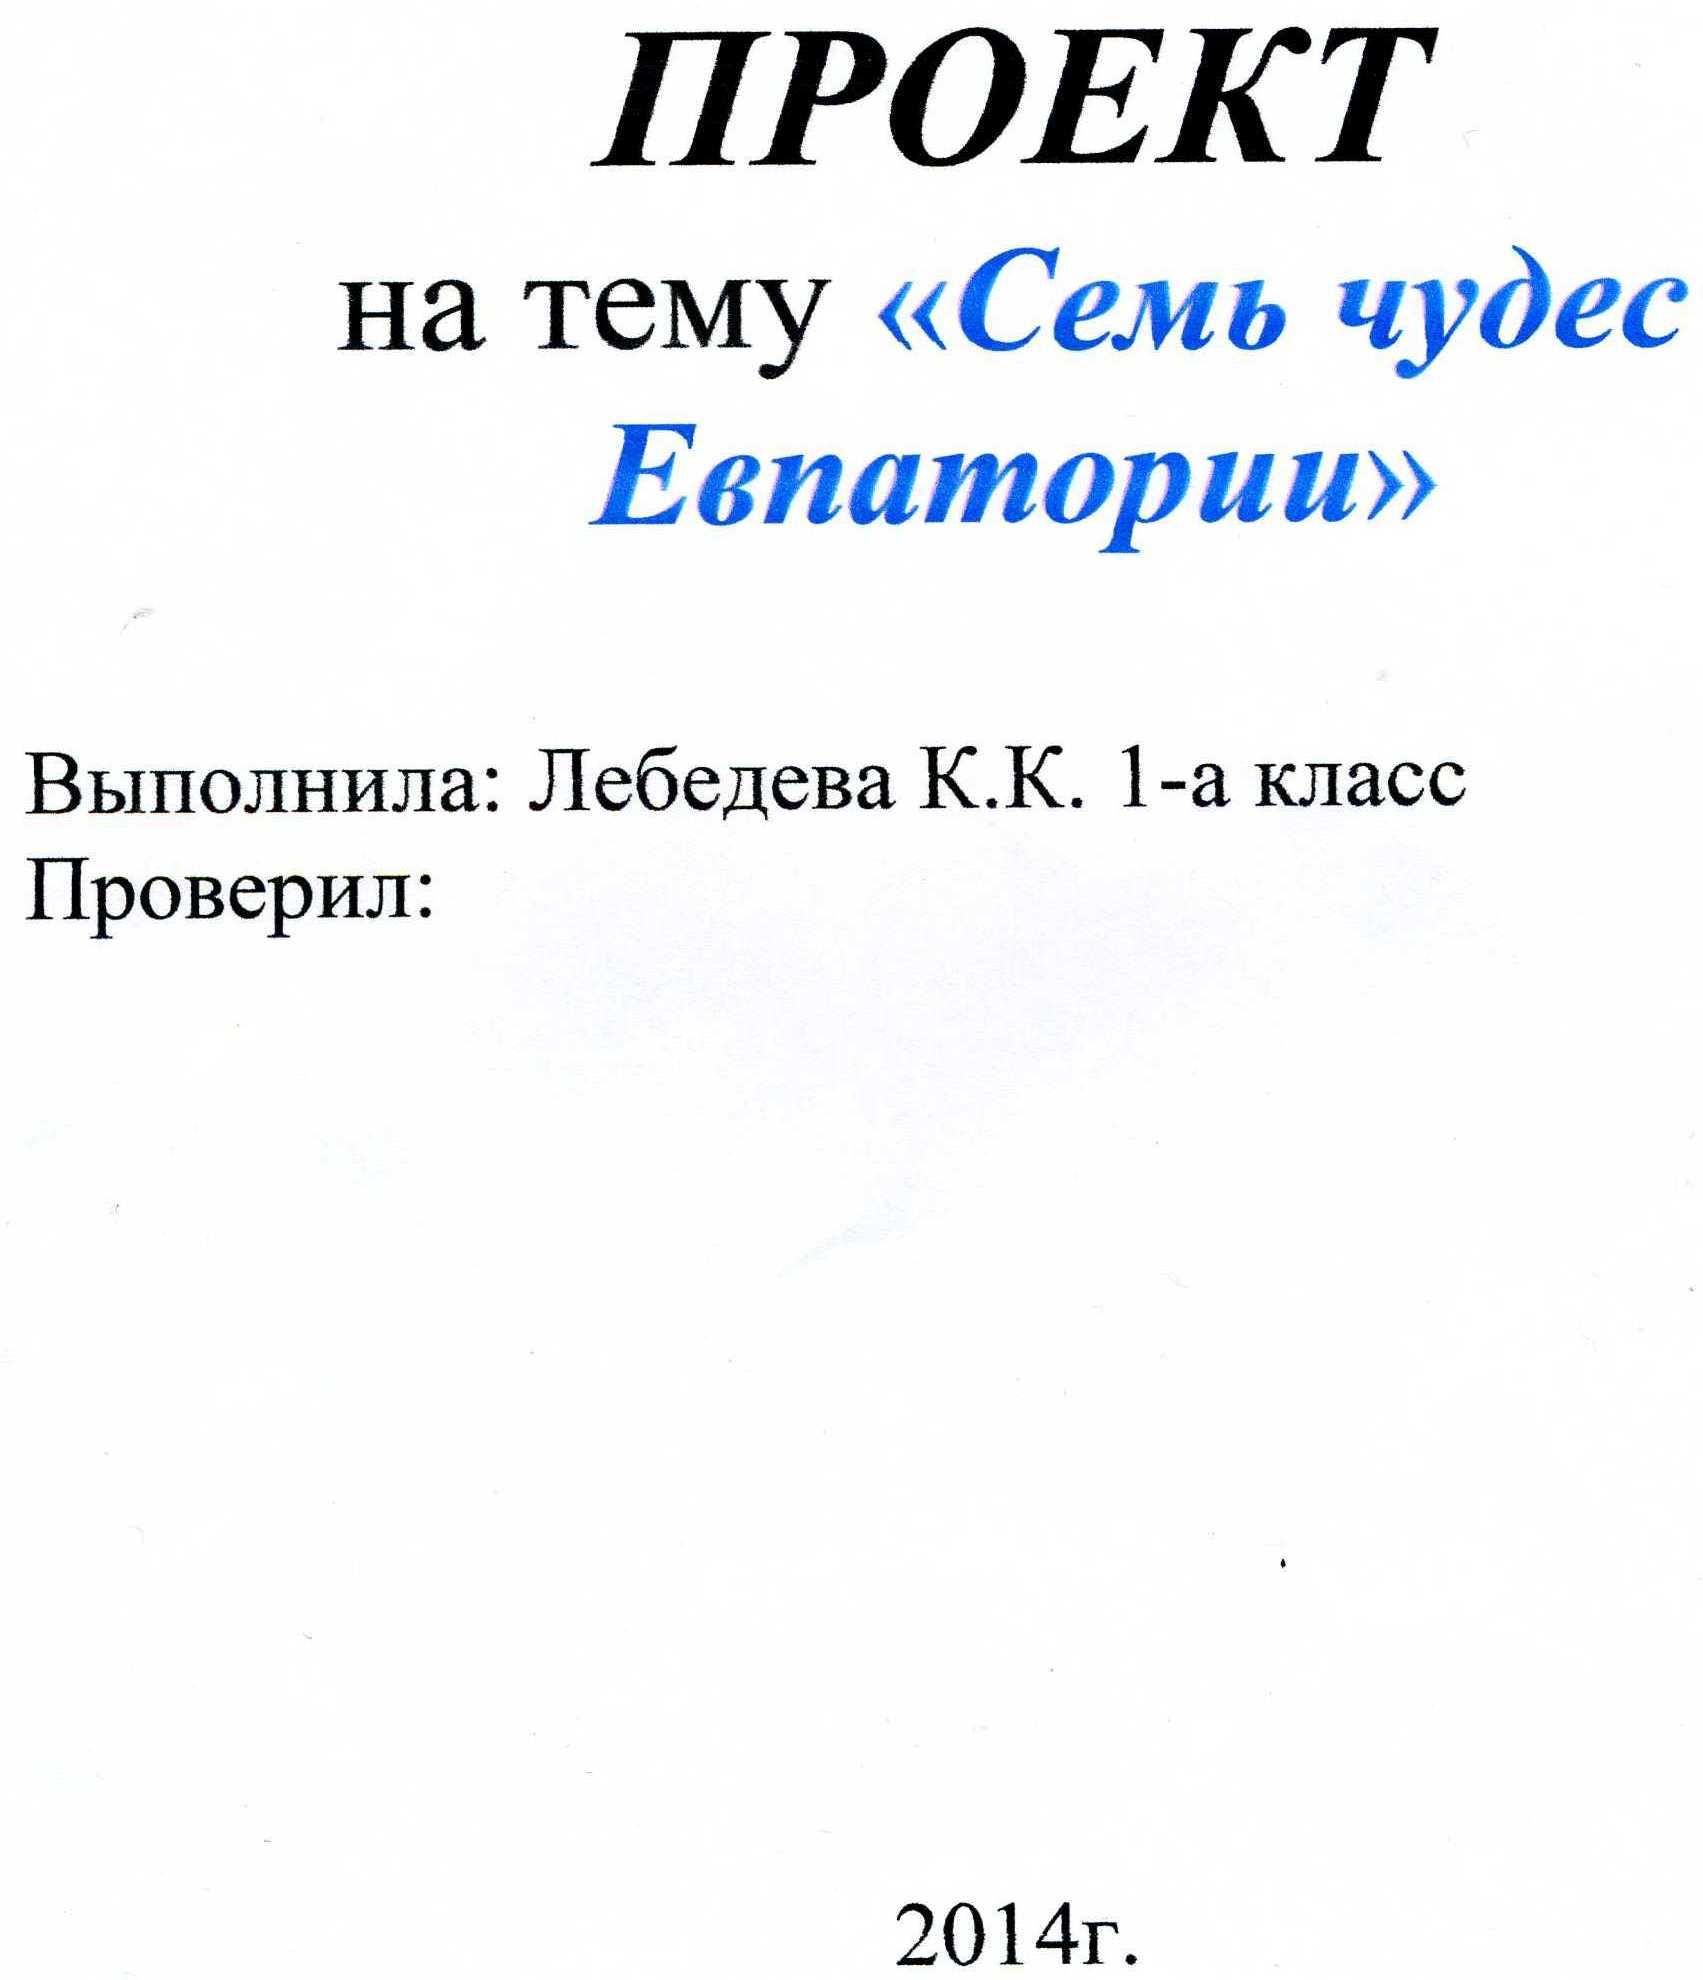 C:\Documents and Settings\Администратор\Мои документы\Мои рисунки\img003.jpg